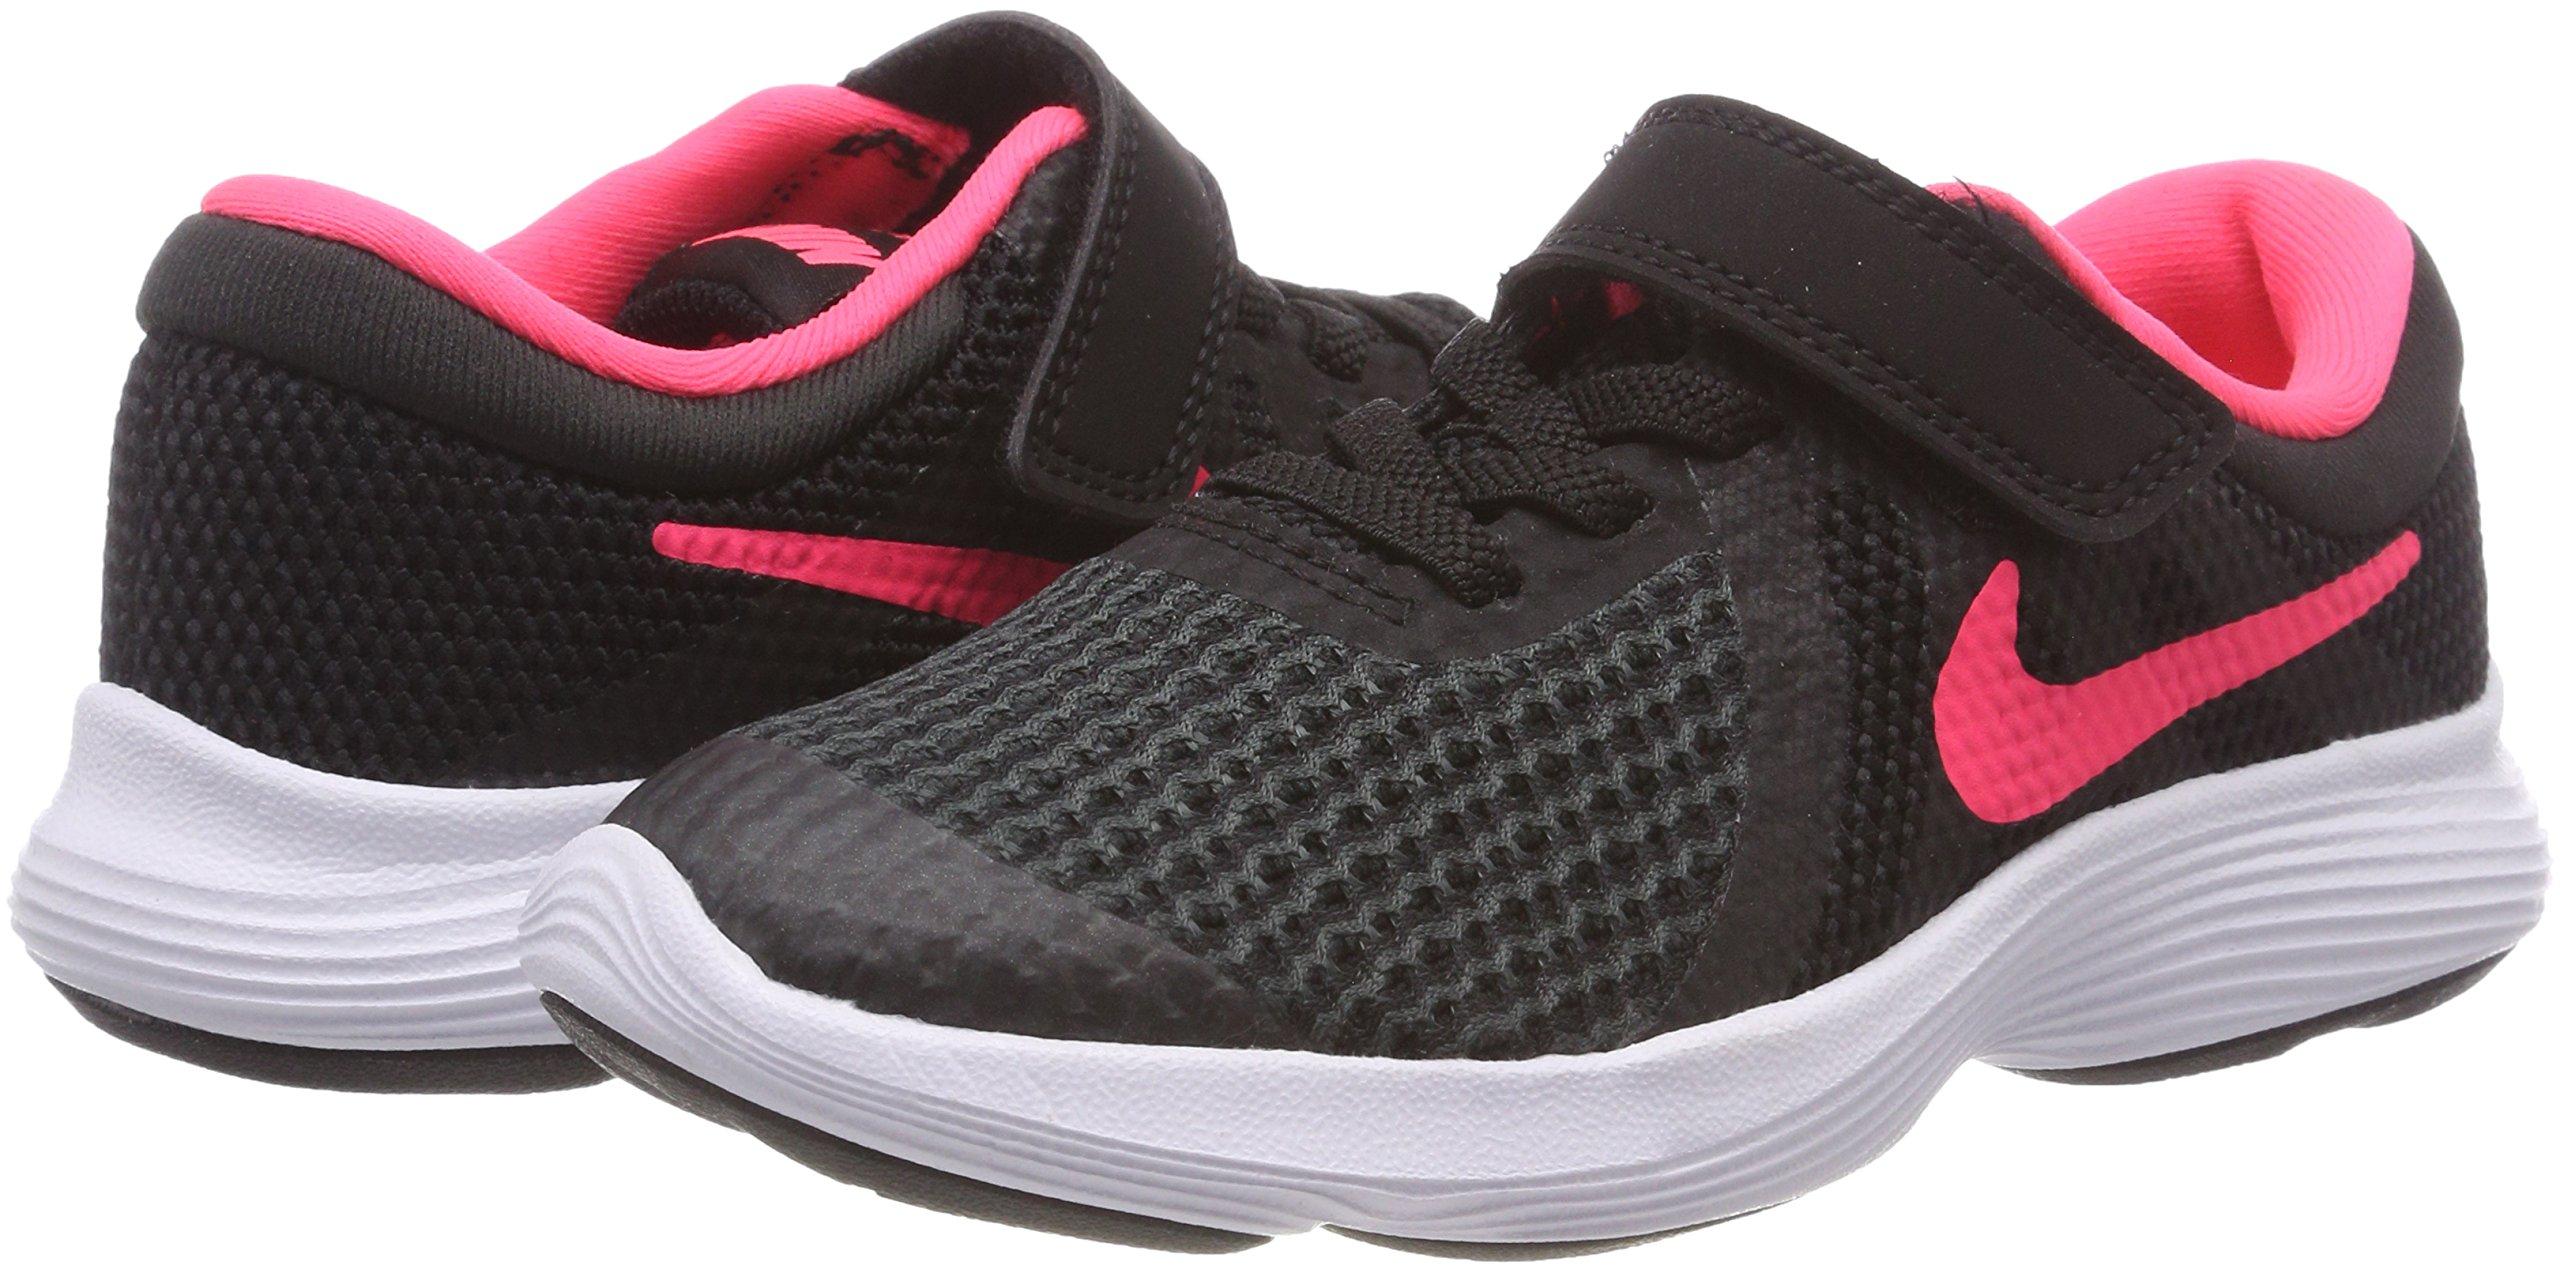 Nike Girls' Revolution 4 (PSV) Running Shoe, Black/Racer Pink - White, 11.5C Regular US Little Kid by Nike (Image #5)